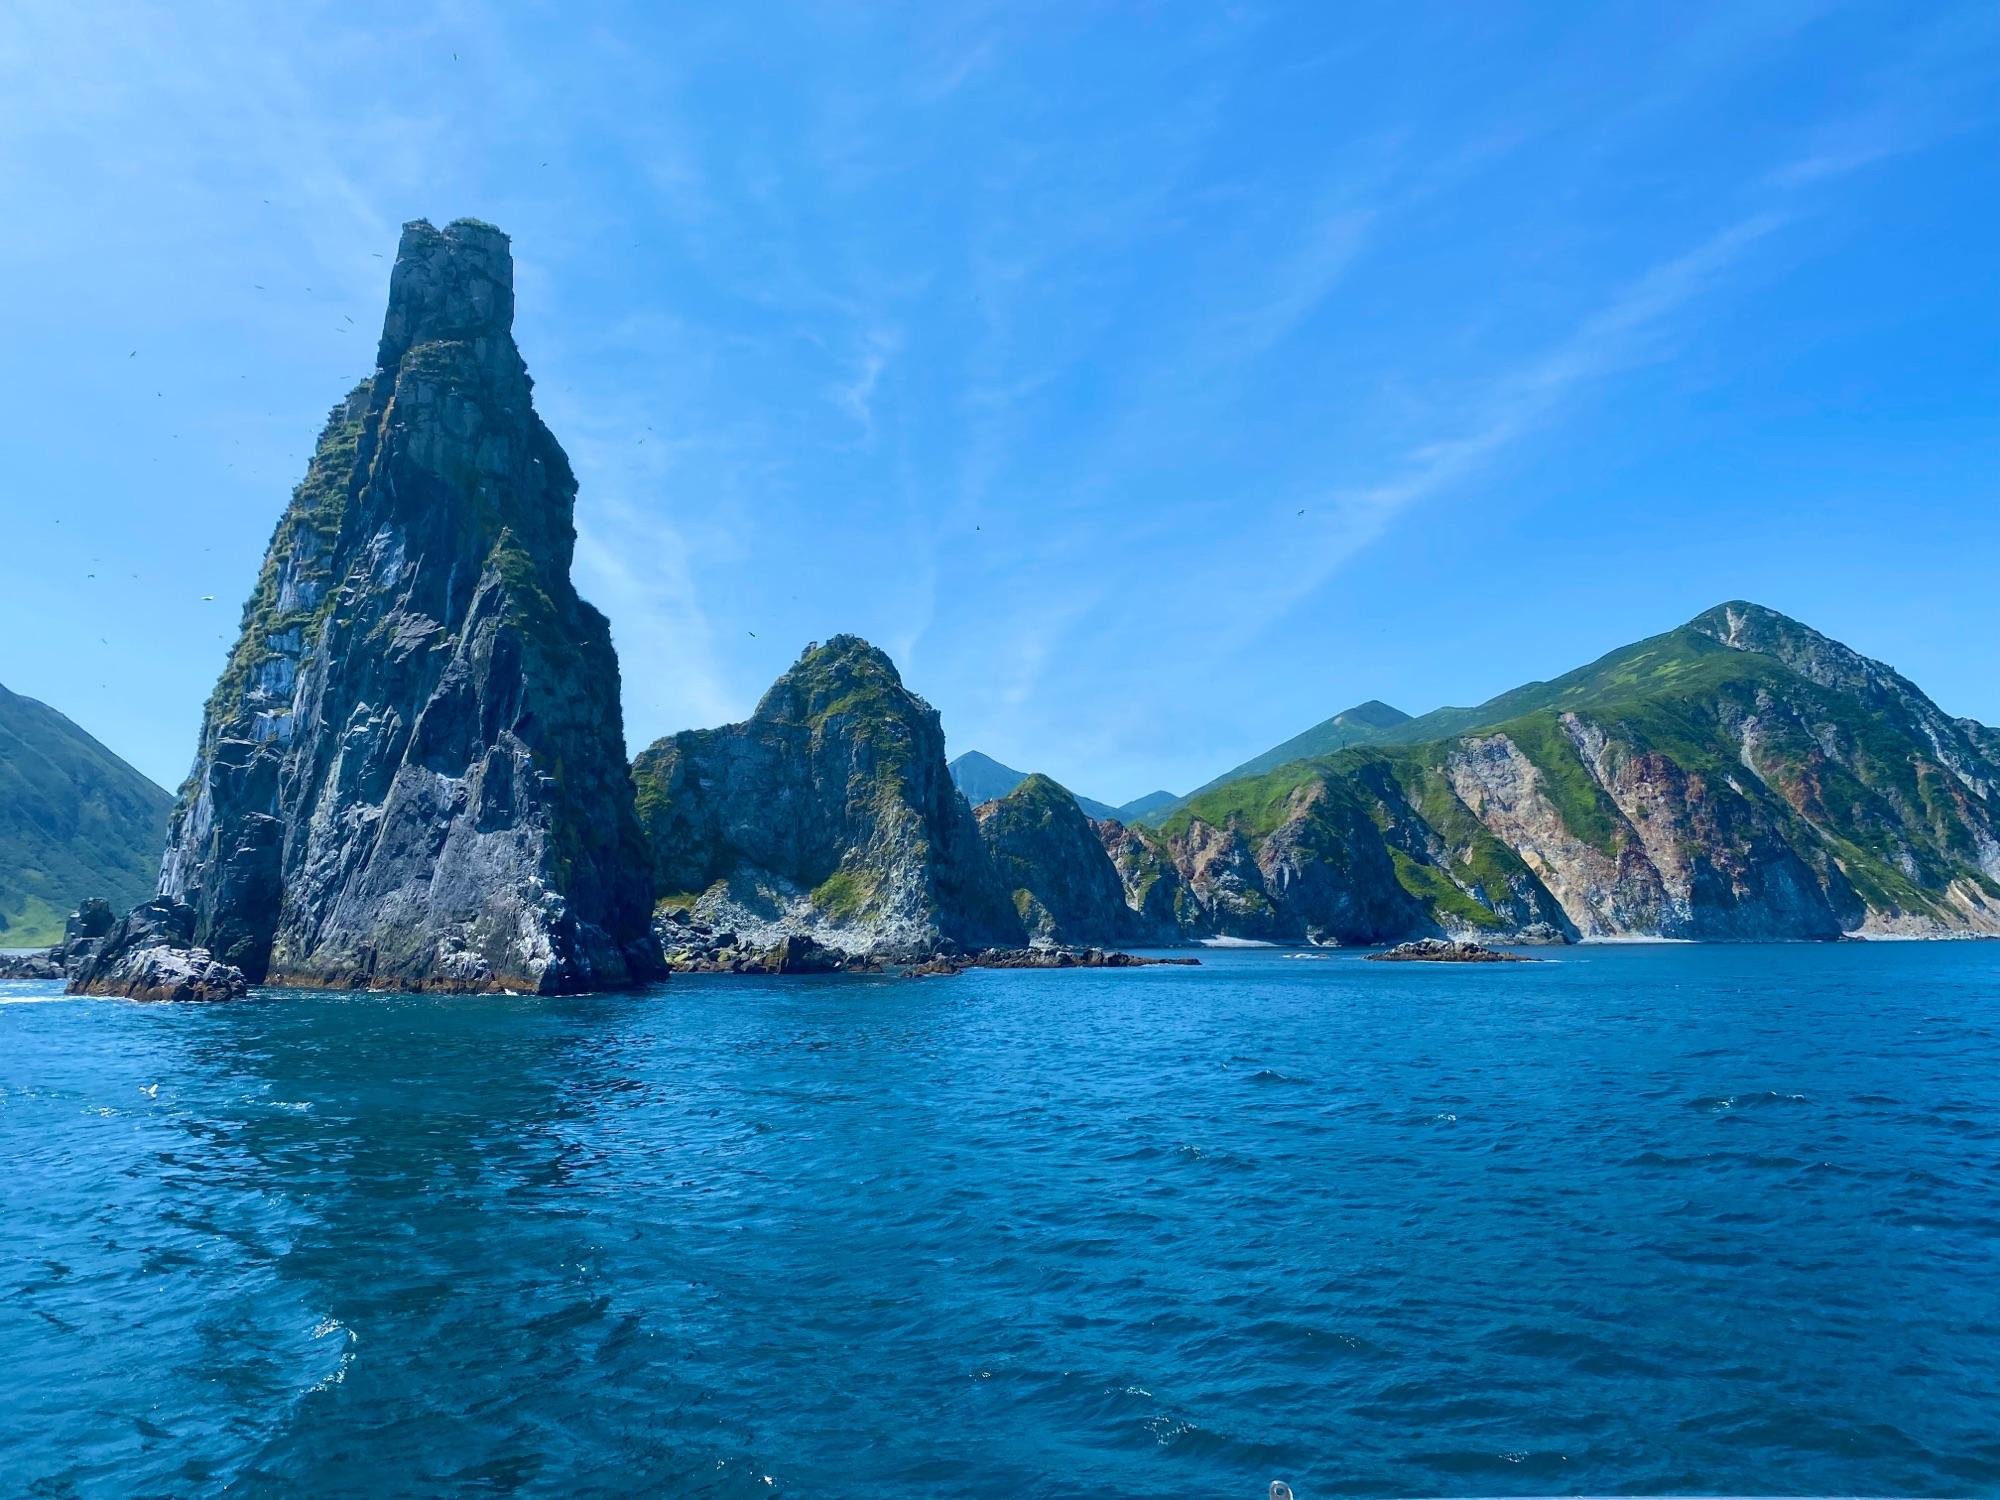 Наконец приплыли к бухте Русская. Красоты невероятные. Чем-то отдаленно напомнило мне Боко Которскую бухту в Черногории. Но тут ничуть не хуже, и есть этот особый налёт русского севера.